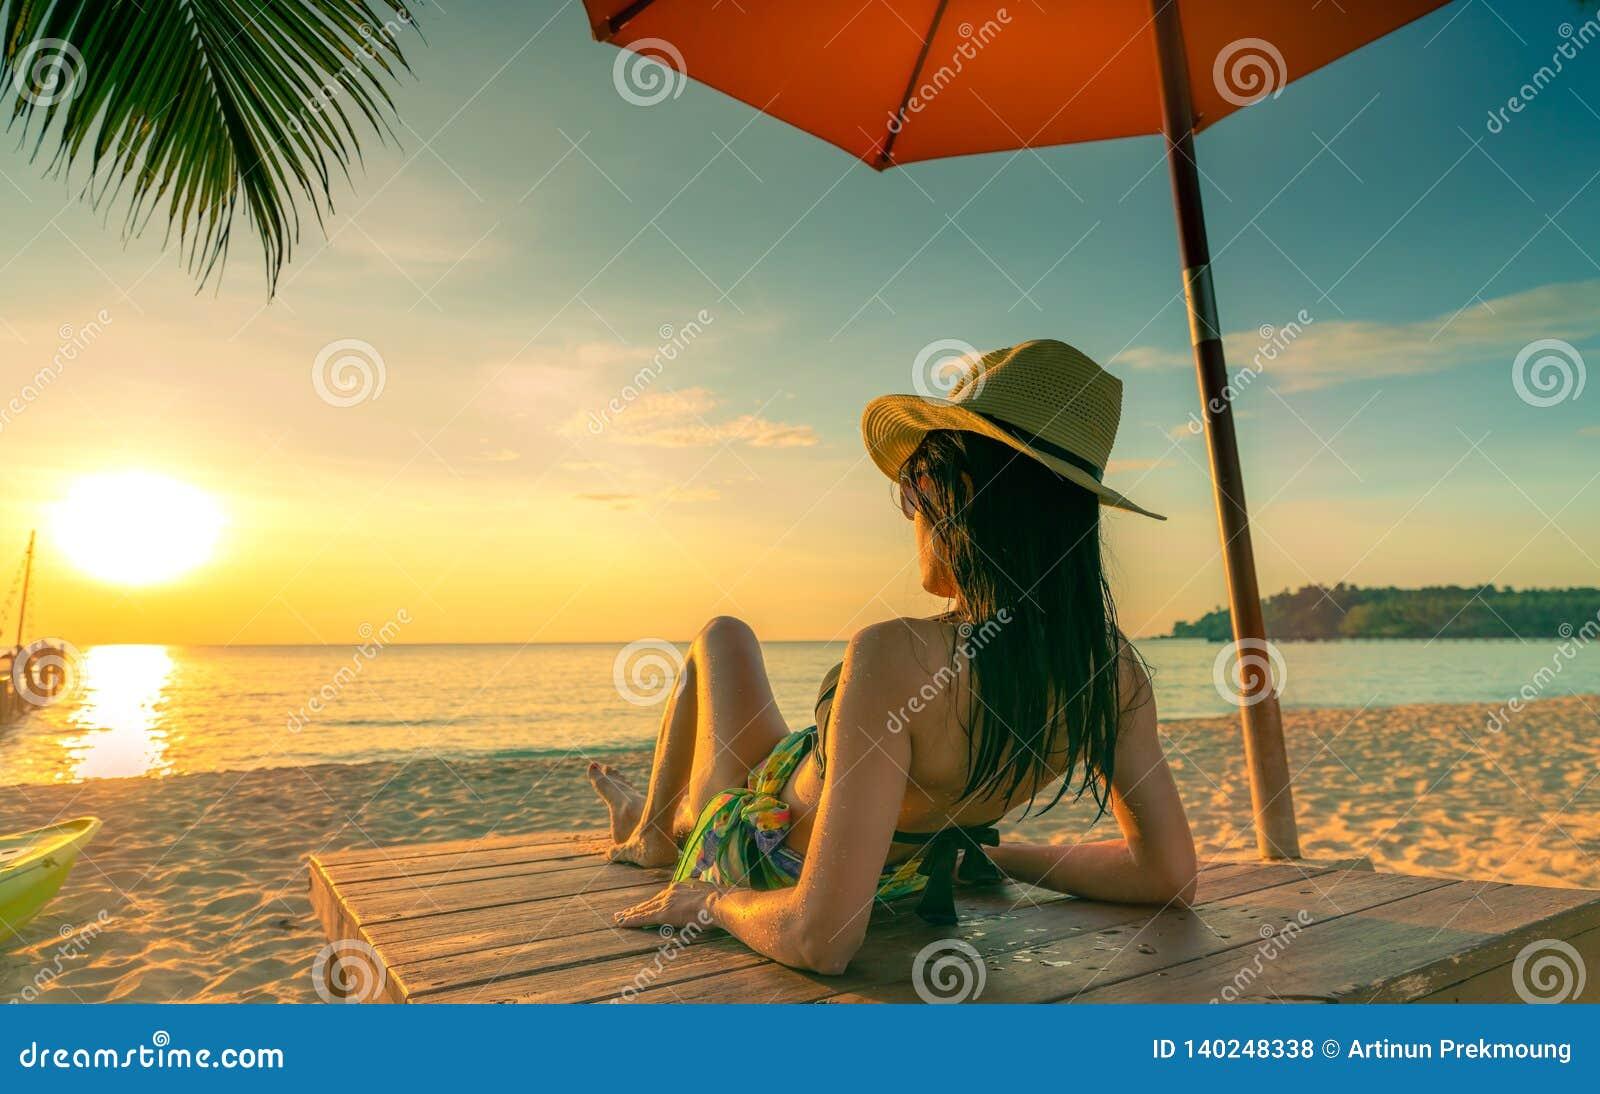 sexy , aprecie e relaxe o biquini do desgaste de mulher que encontra-se e que toma sol no sunbed na praia da areia na praia trop